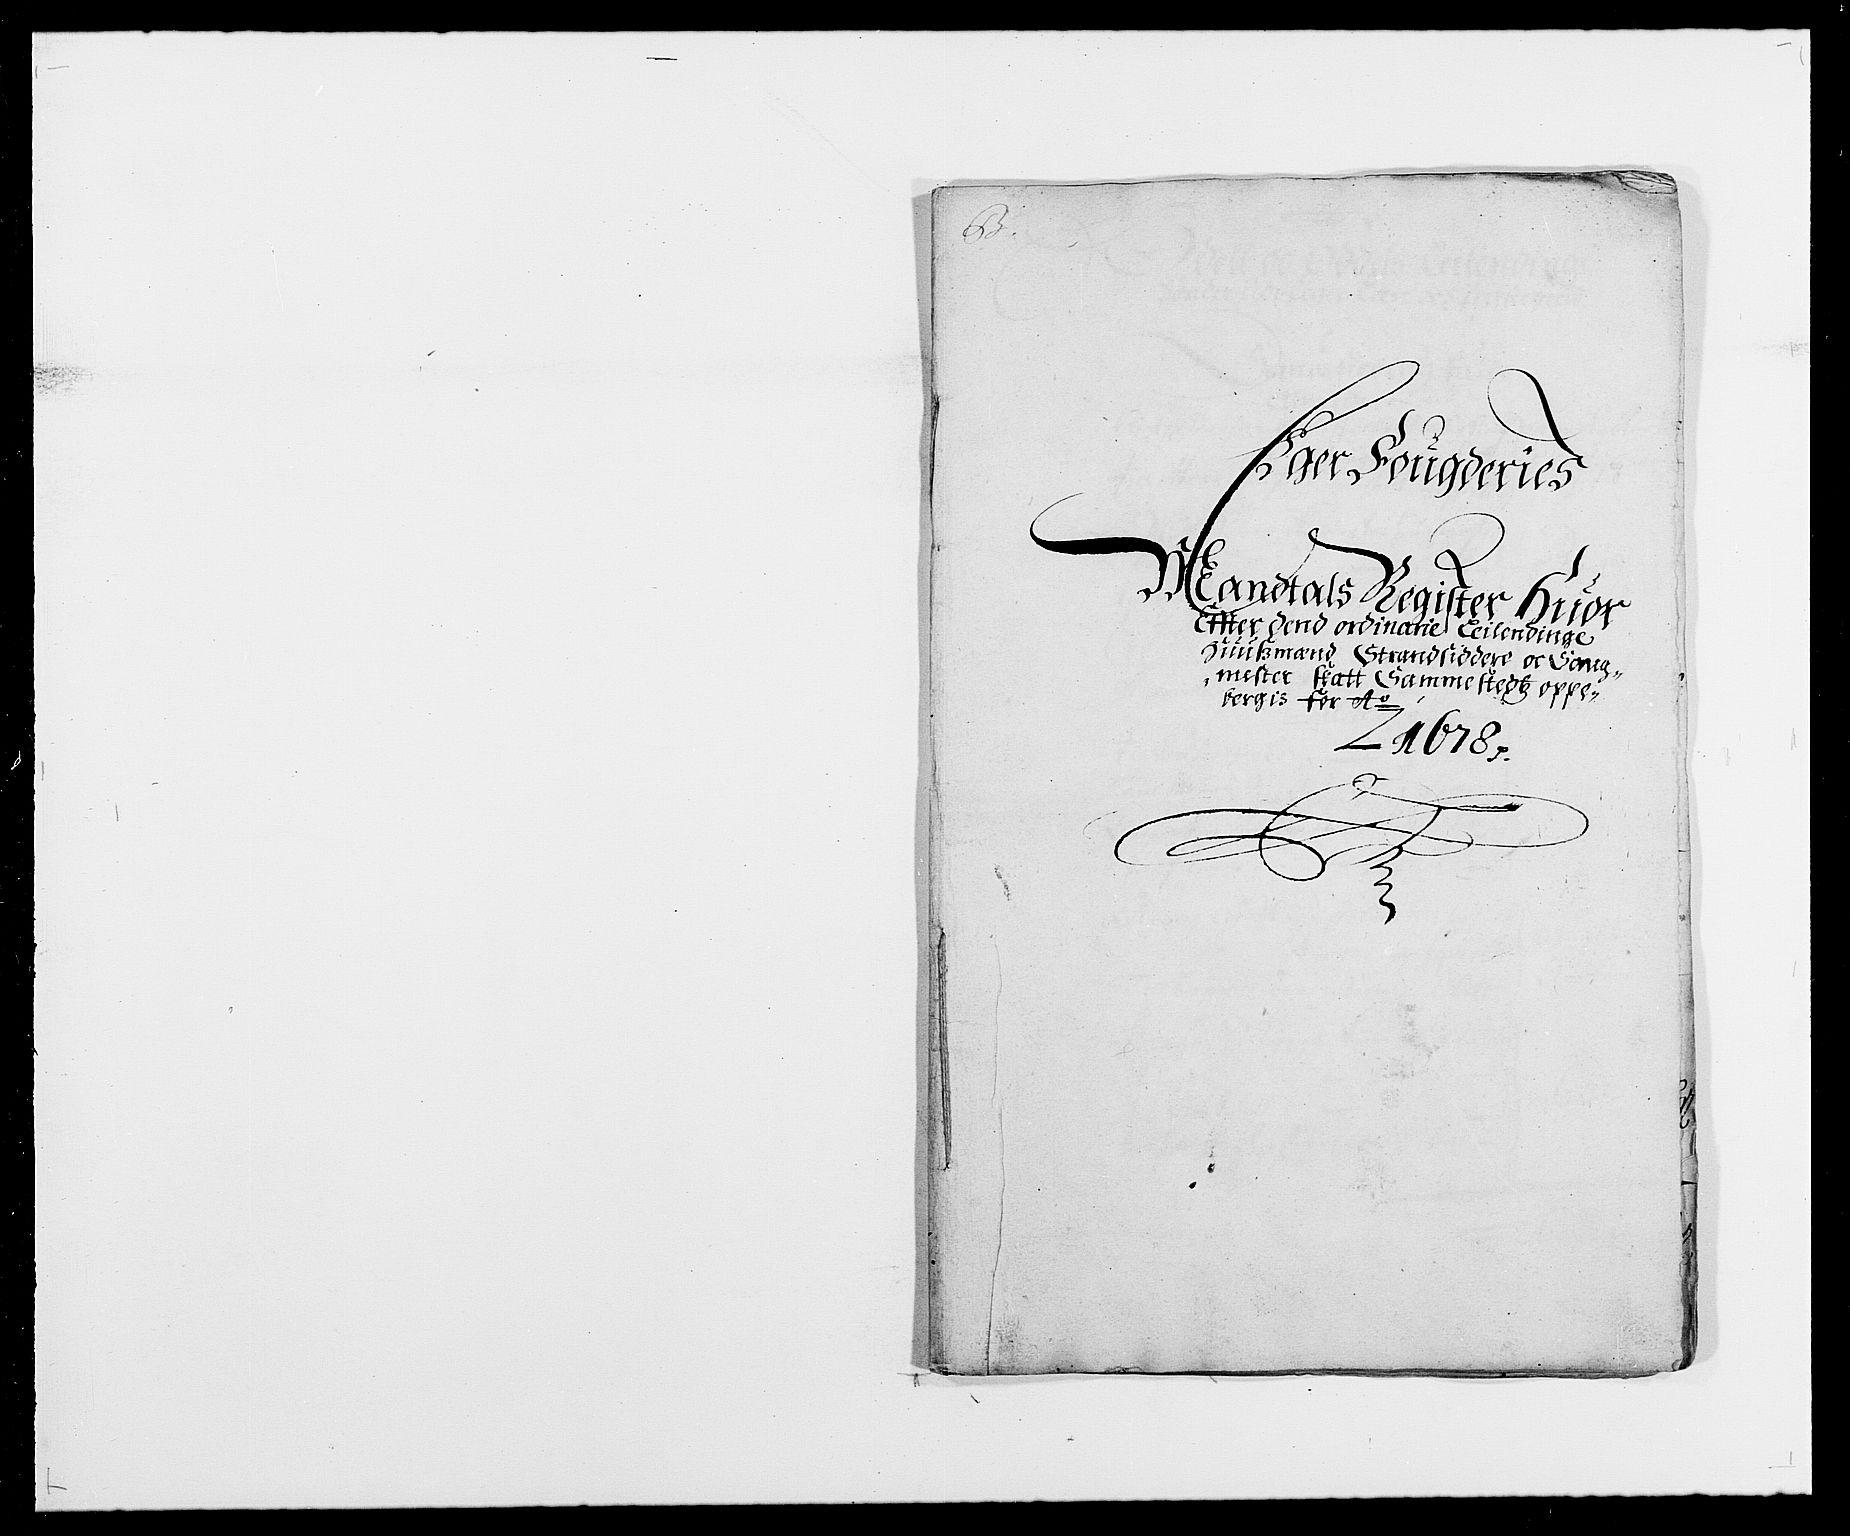 RA, Rentekammeret inntil 1814, Reviderte regnskaper, Fogderegnskap, R26/L1683: Fogderegnskap Eiker, 1678, s. 14